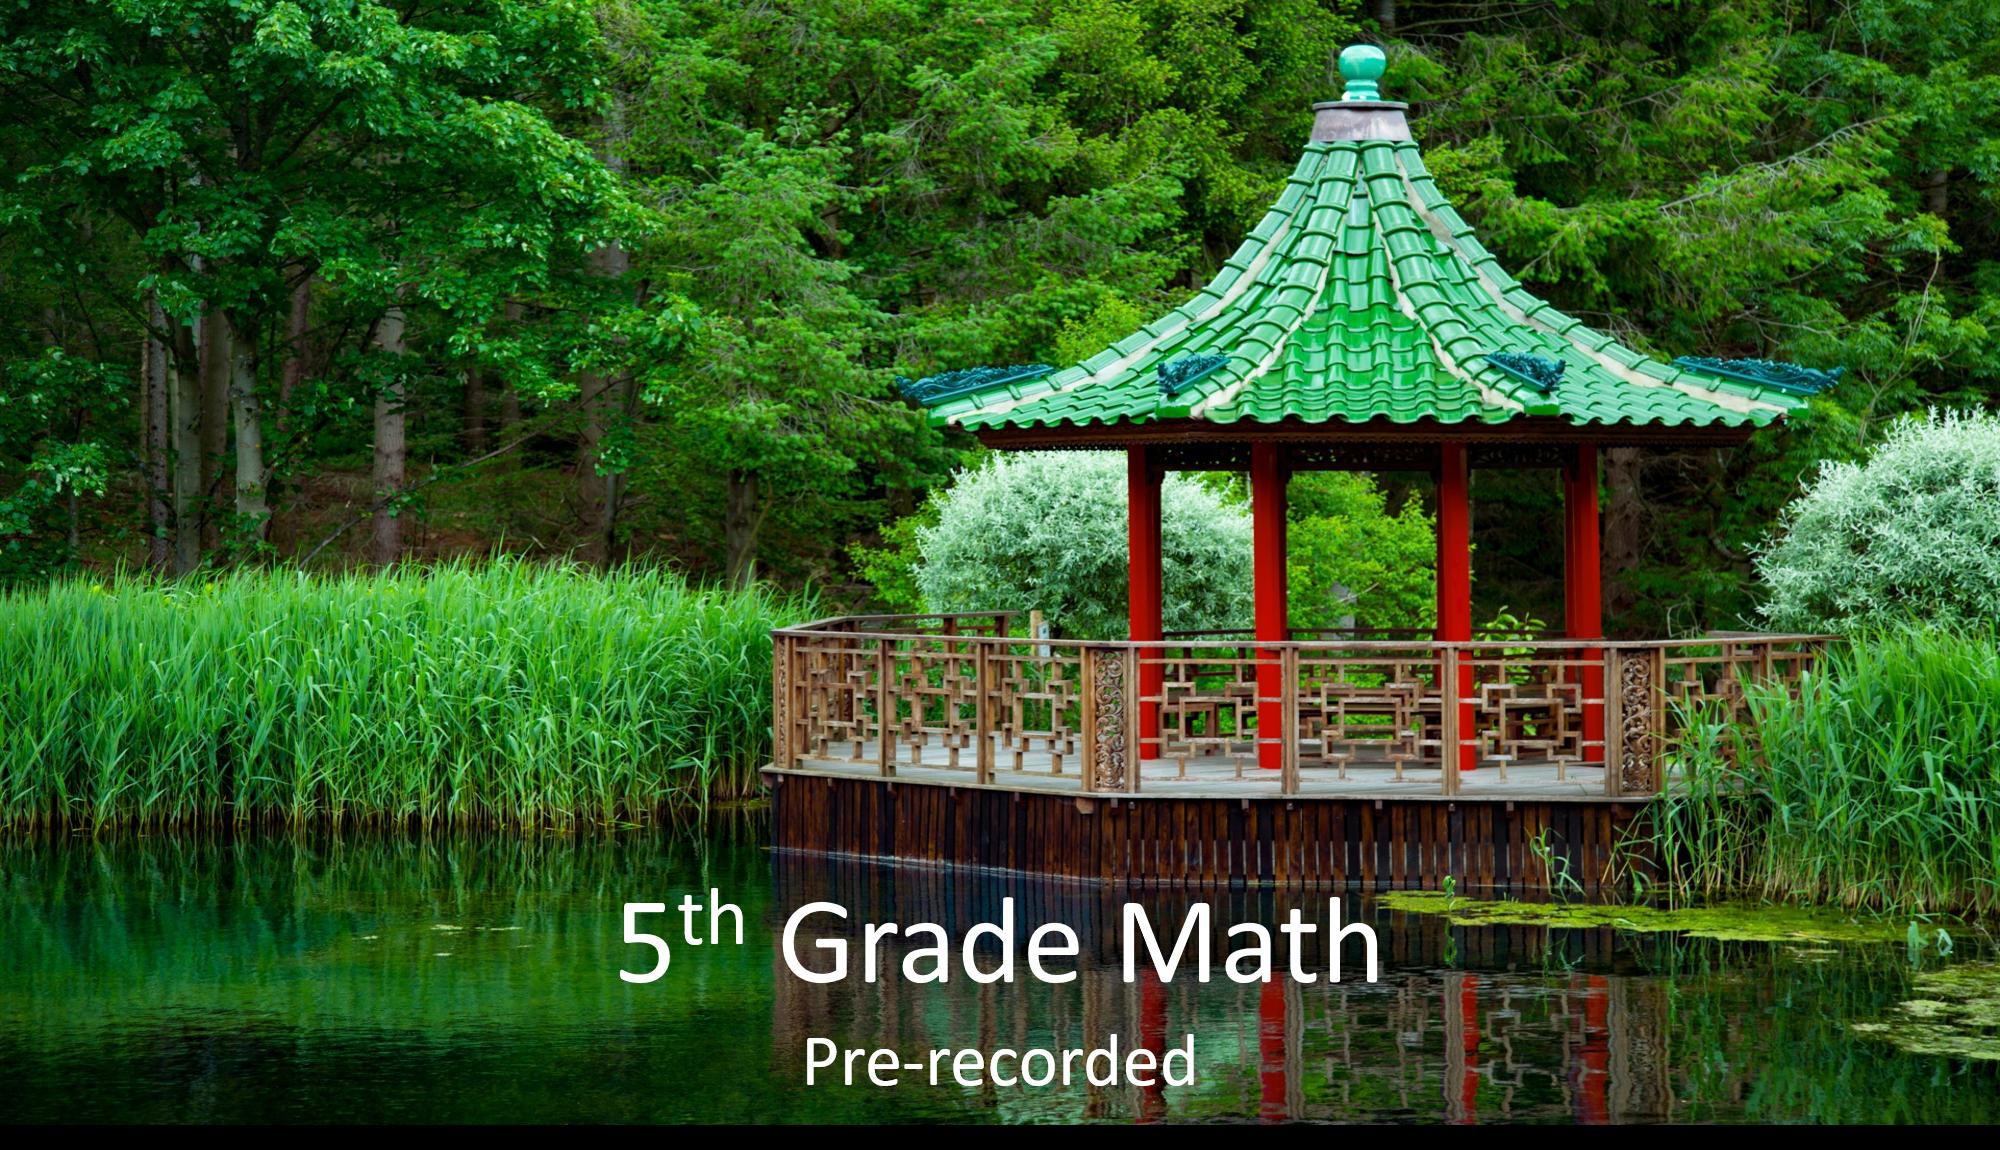 5th Grade Math: Pre-Recorded